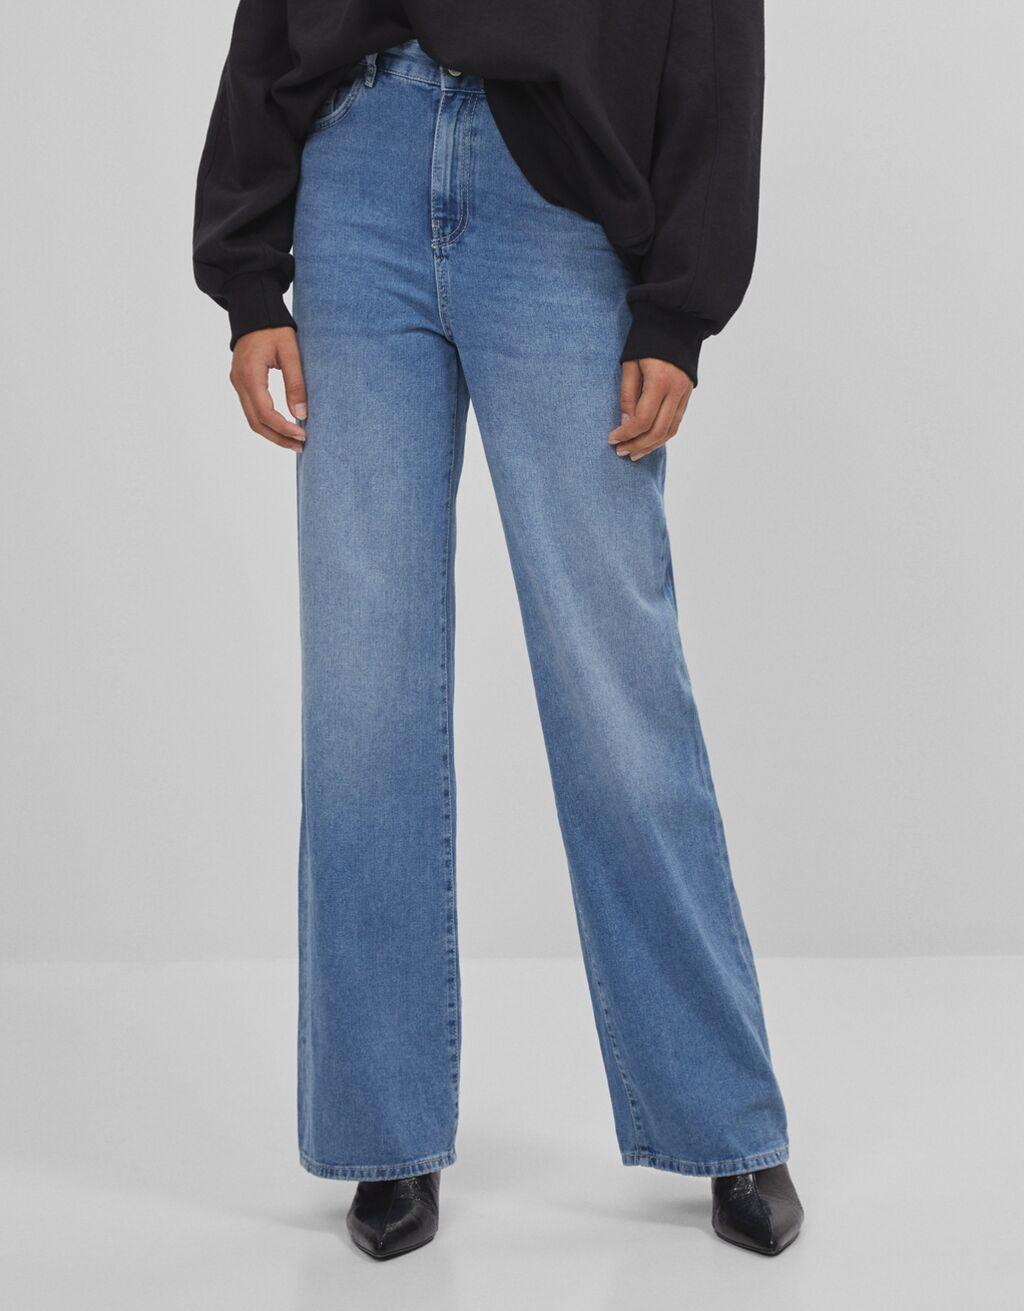 Jeans mit weitem Bein.